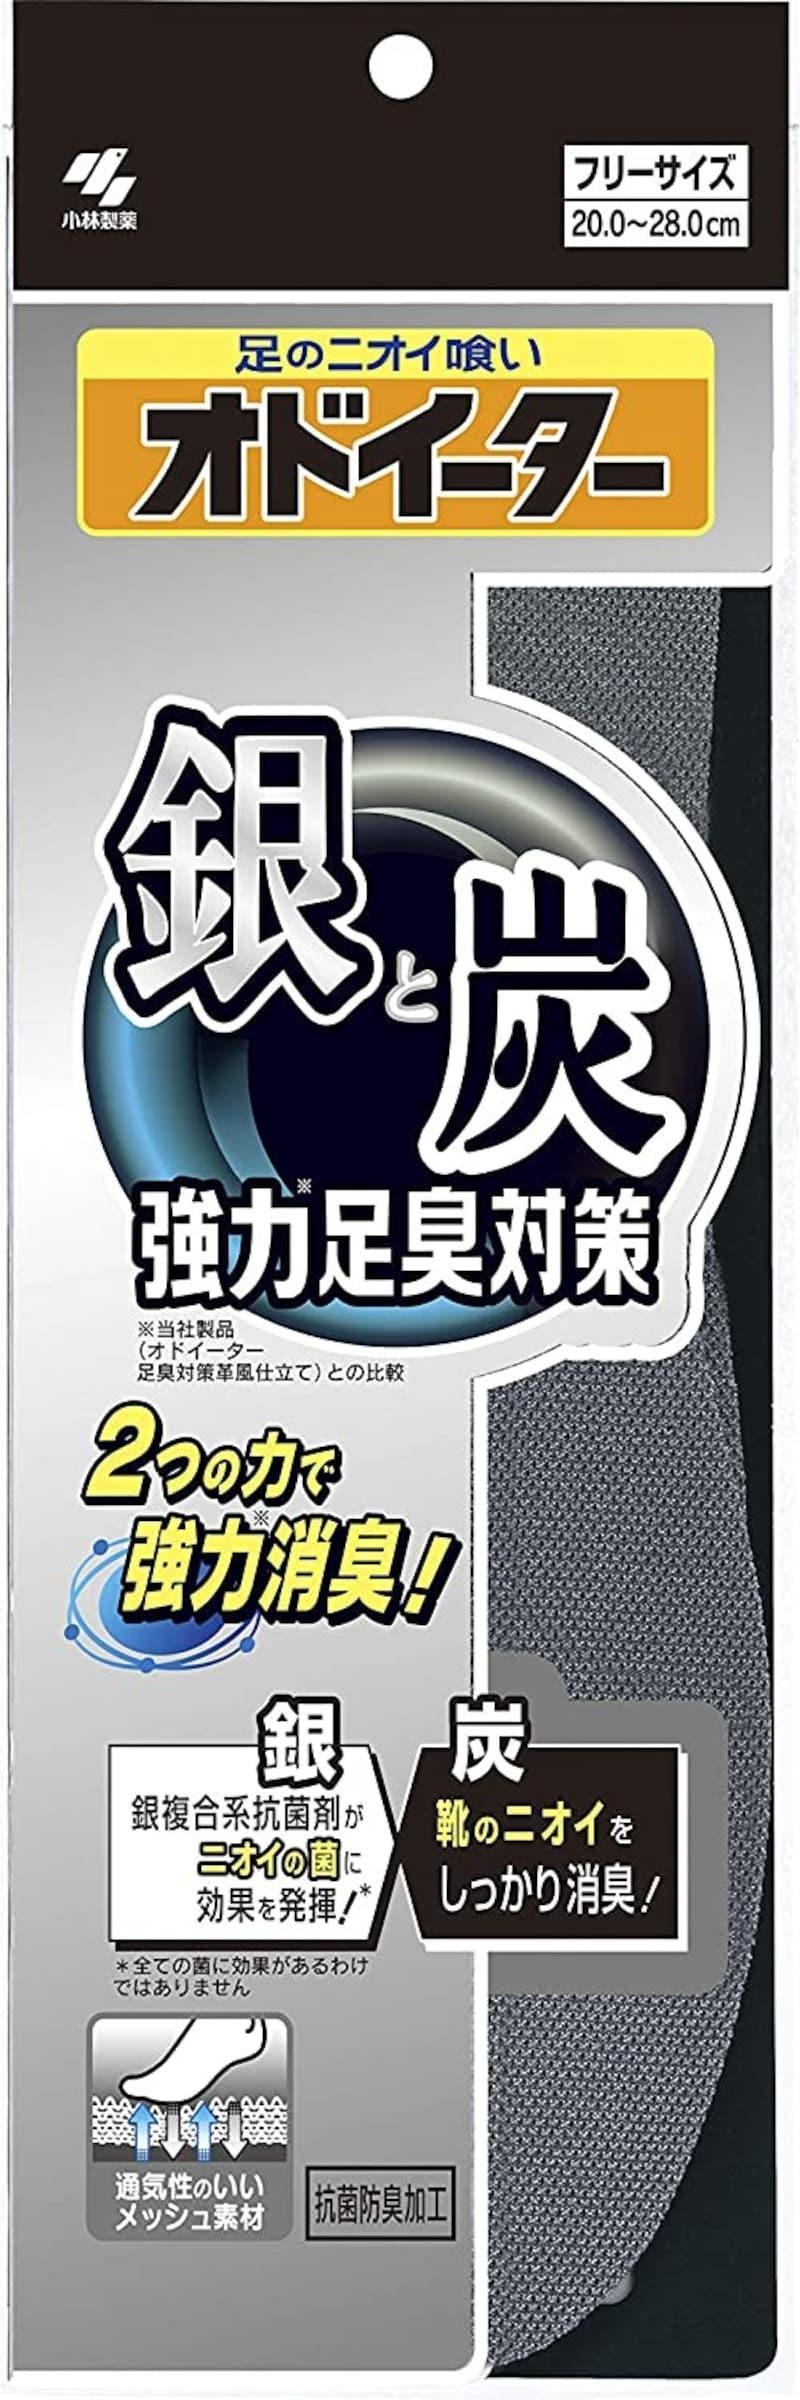 オドイーター,銀と炭のオドイーター 靴の中敷・消臭インソール